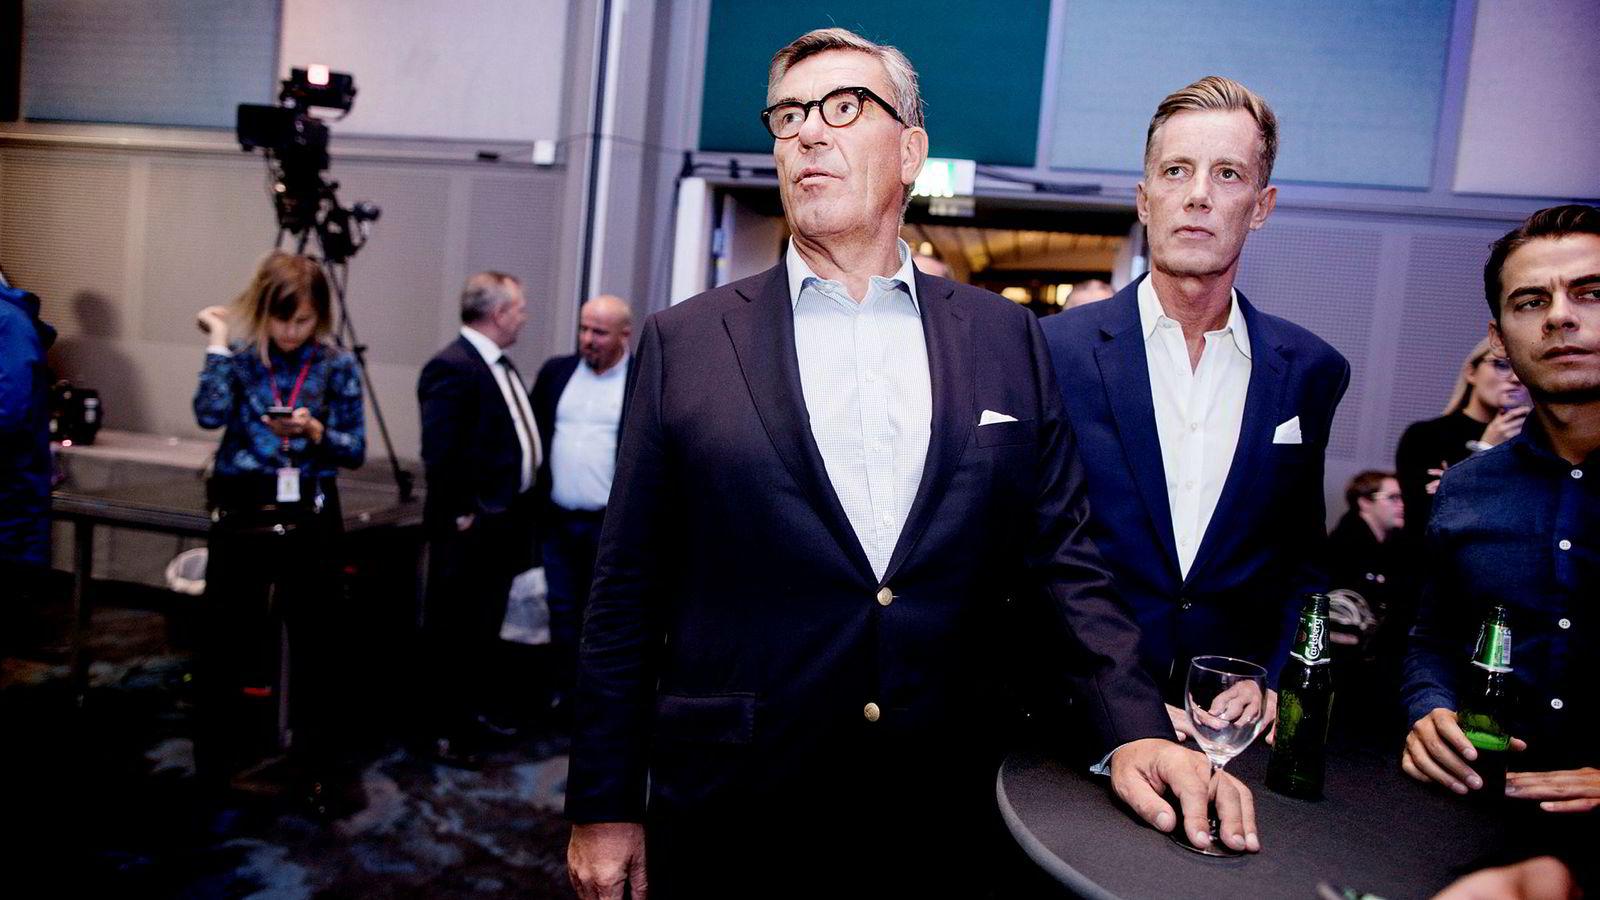 Stein Erik Hagen på Høyres valgvake på SAS-hotellet. Investoren tror Giske kan dra flere stemmer for Ap enn Støre. Til høyre for Hagen står Hagens venn Sverre Christian Hammer og Nicholay Johansen Tehrani.